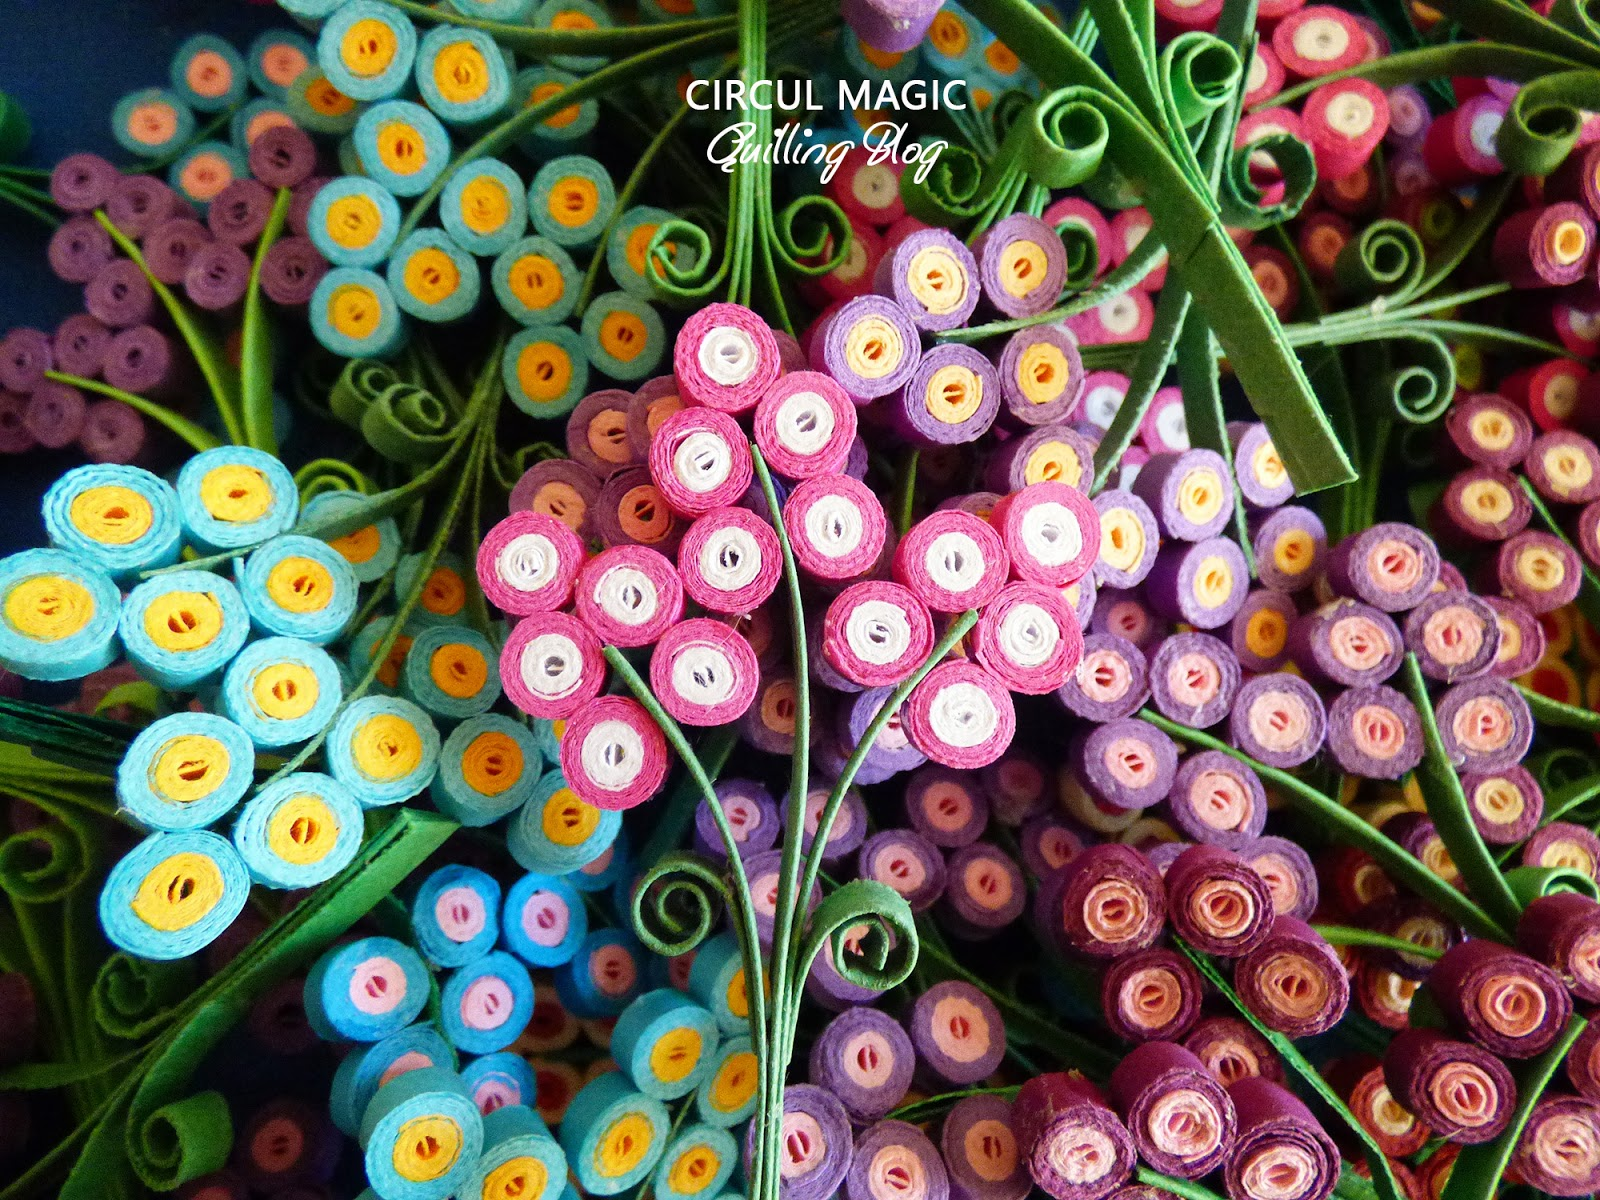 Martisoare Quilling 2017 Flori de Lavanda Circul Magic